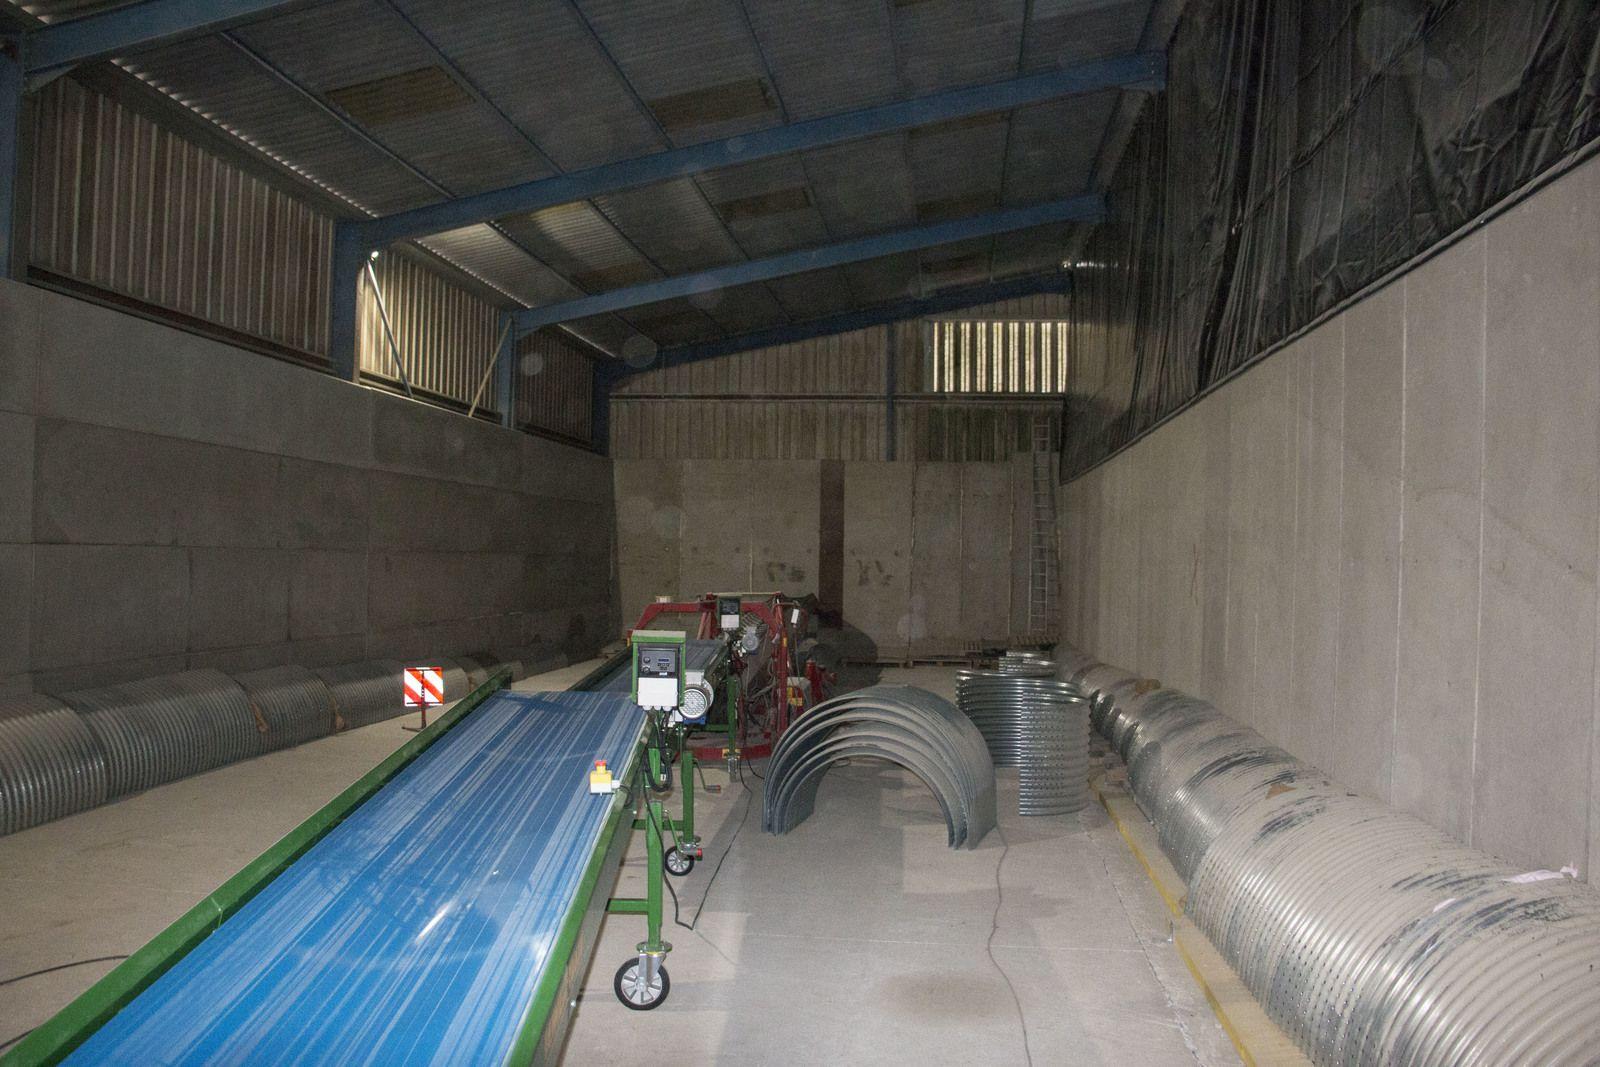 Trois tunnels ajourés sont disposés au sol sous le futur silo dans lesquels trois gros ventilateurs pulseront de l'air pour aérer le stockage.